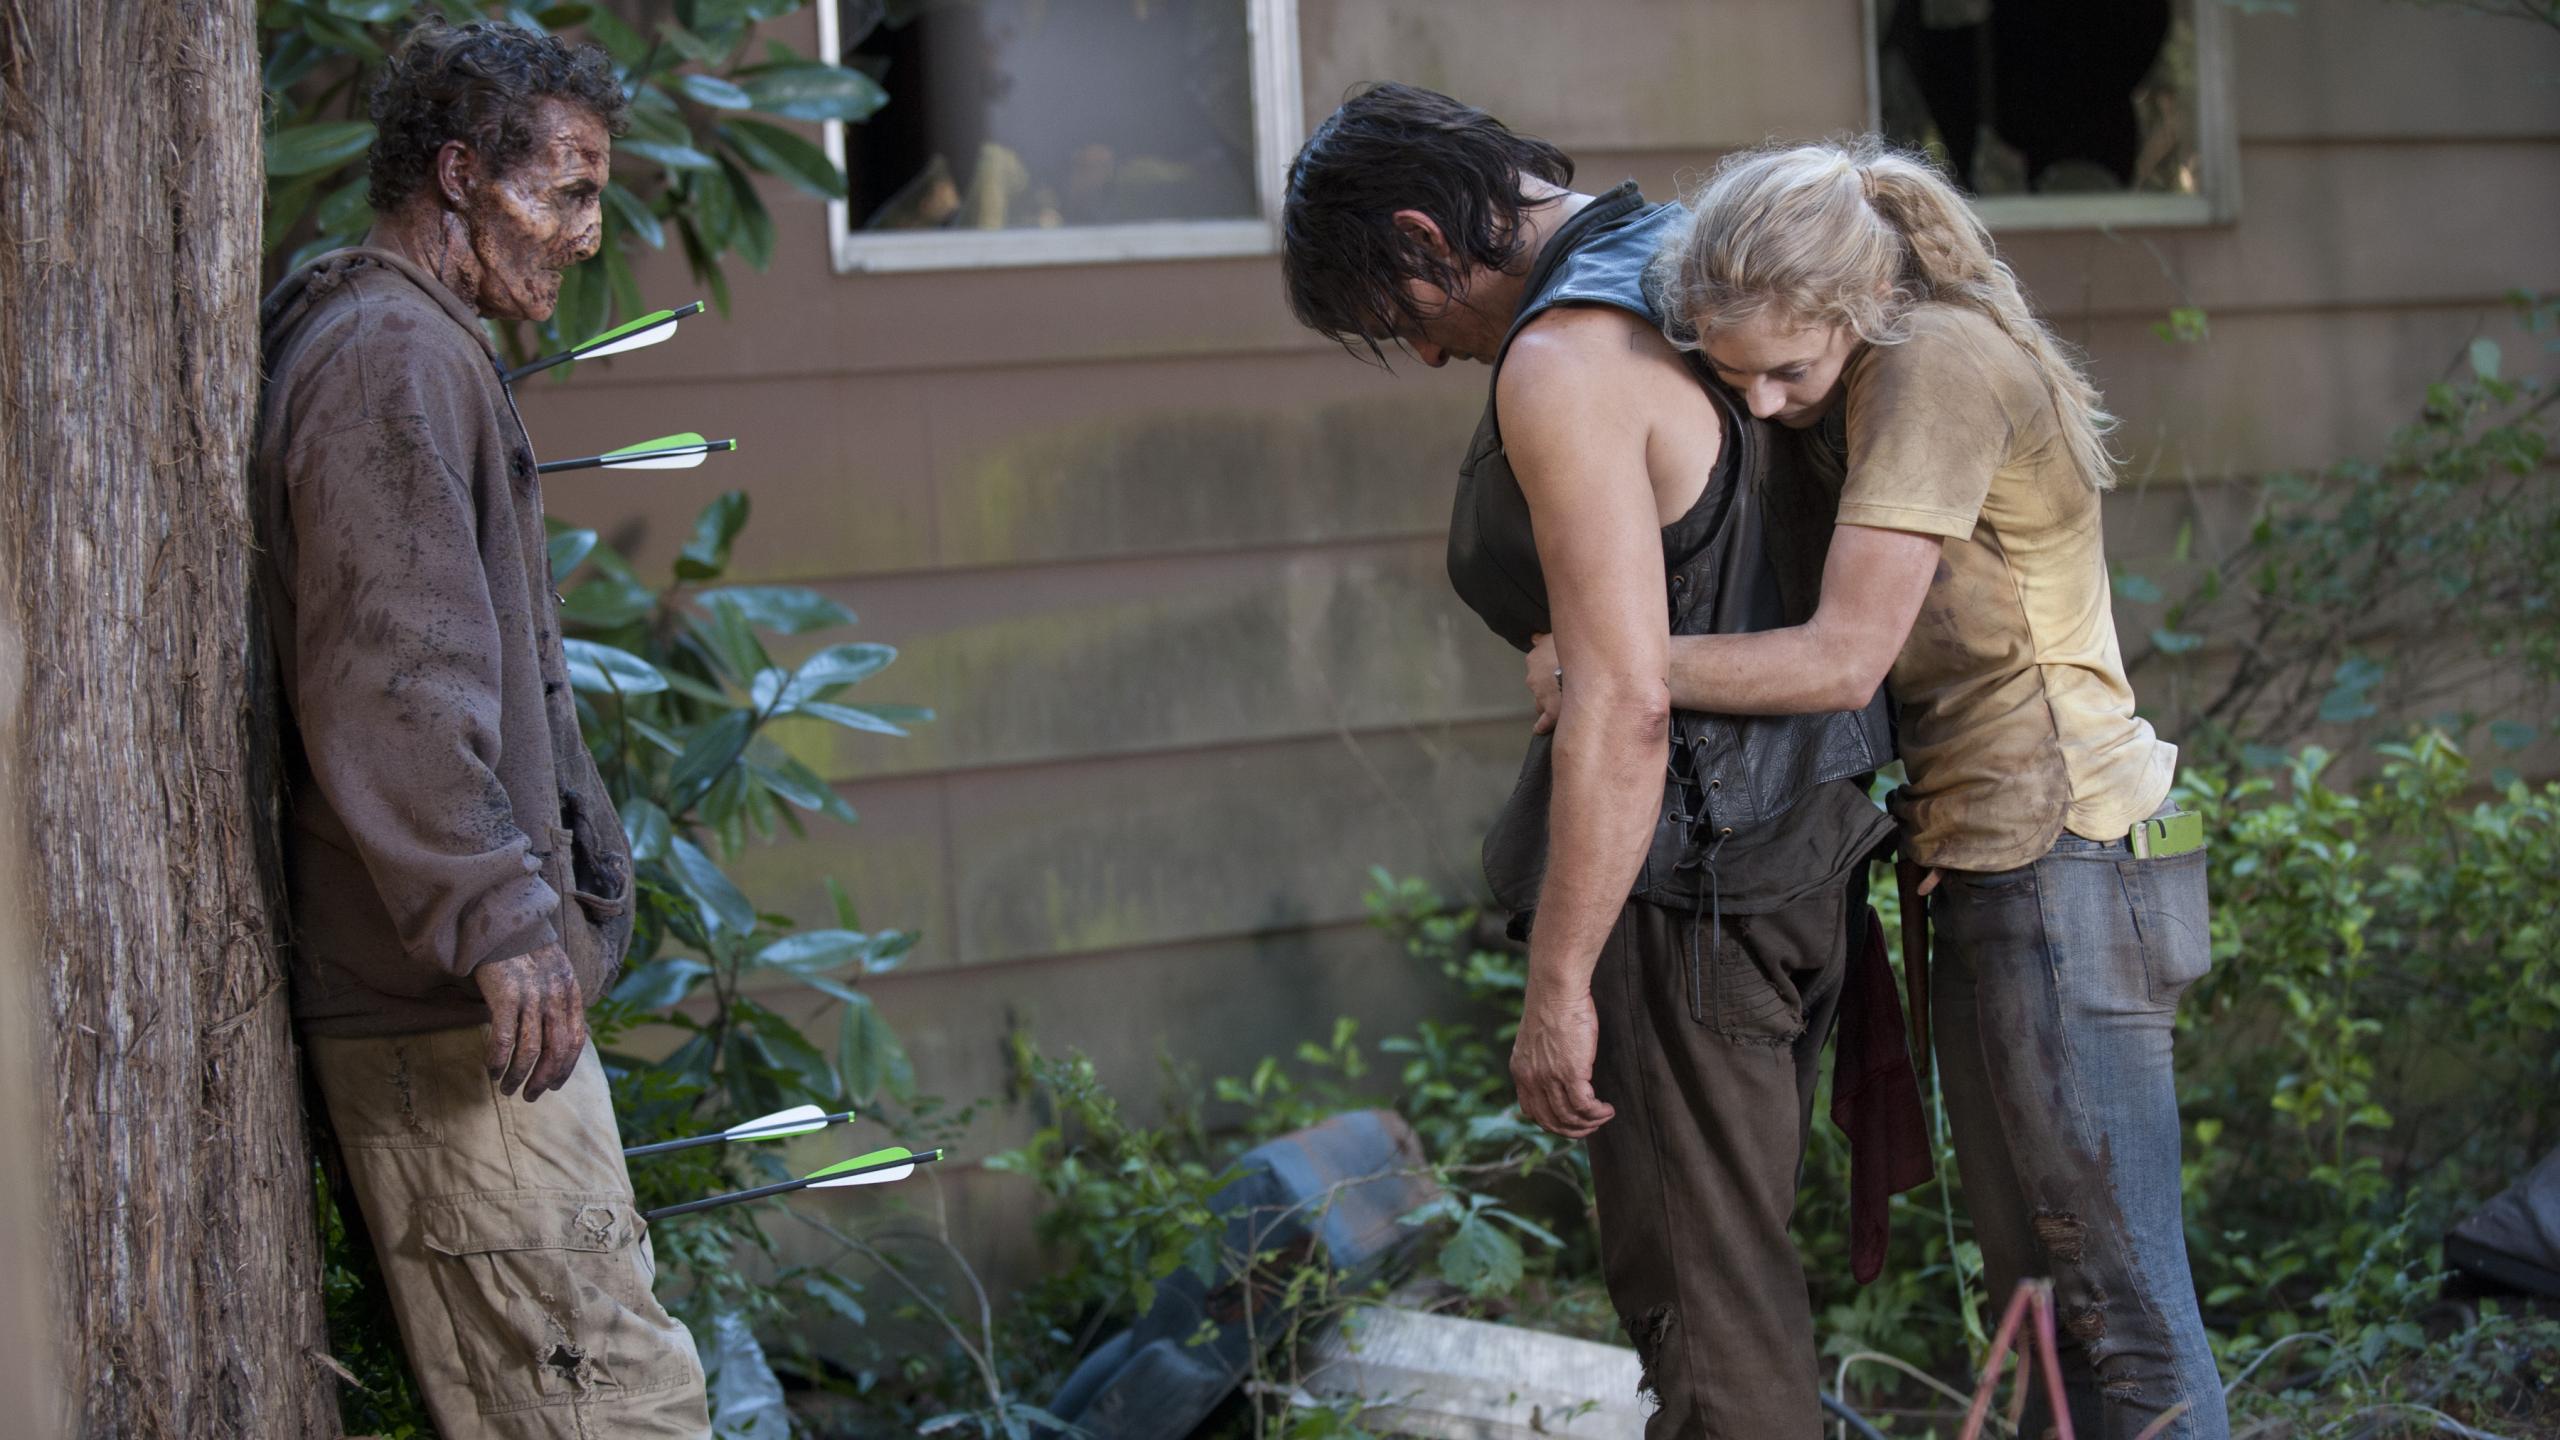 2560x1440 The Walking Dead Emily Kinney Norman Reedus